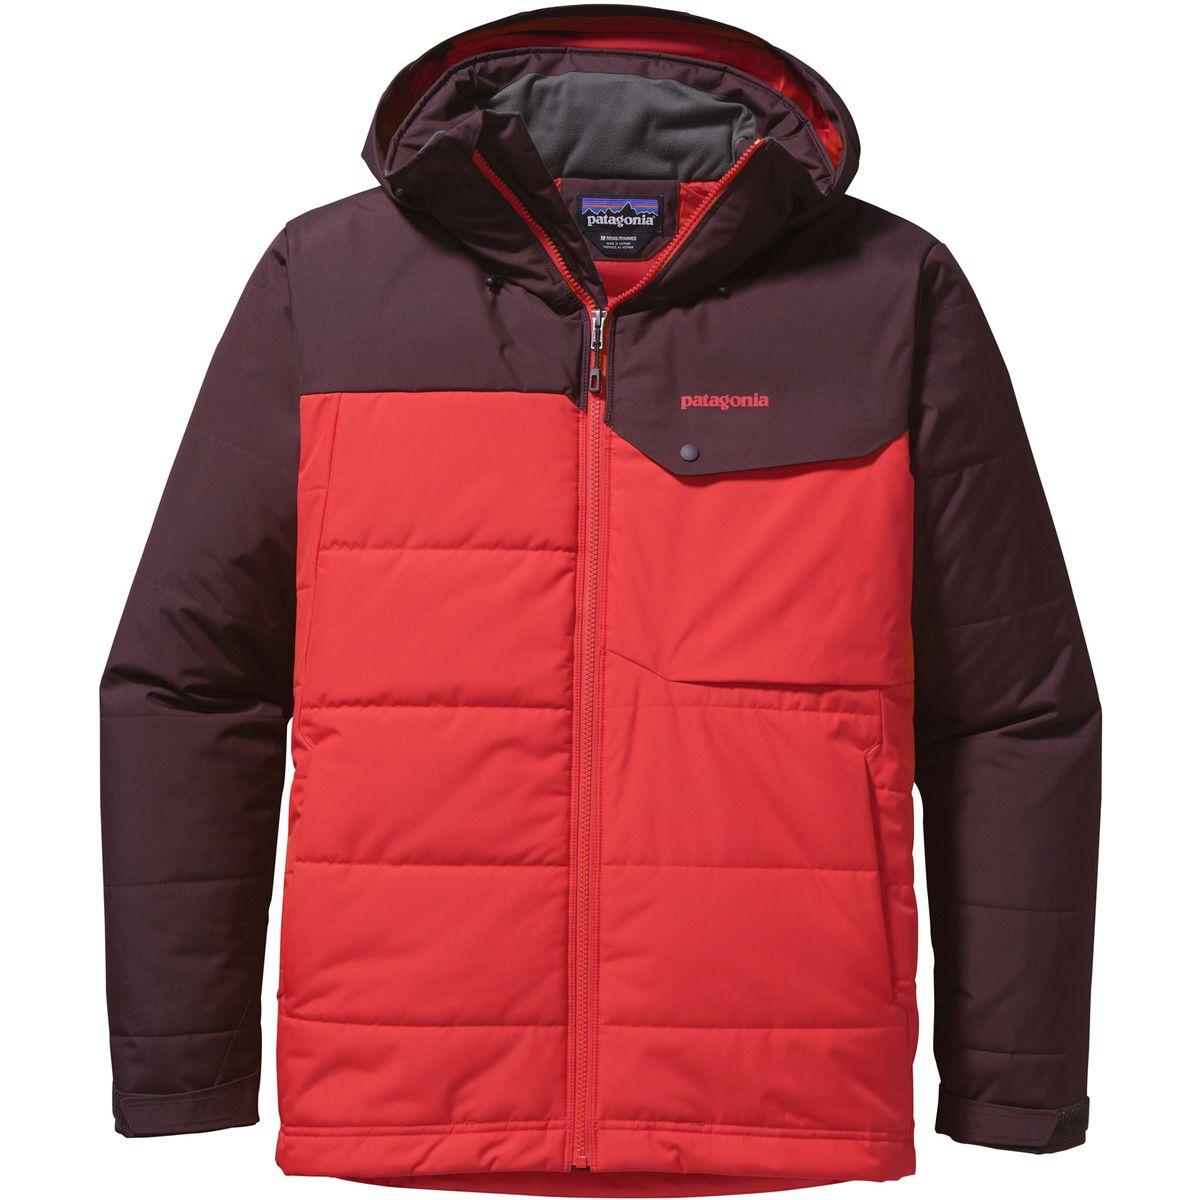 Mens Snowboard Jackets